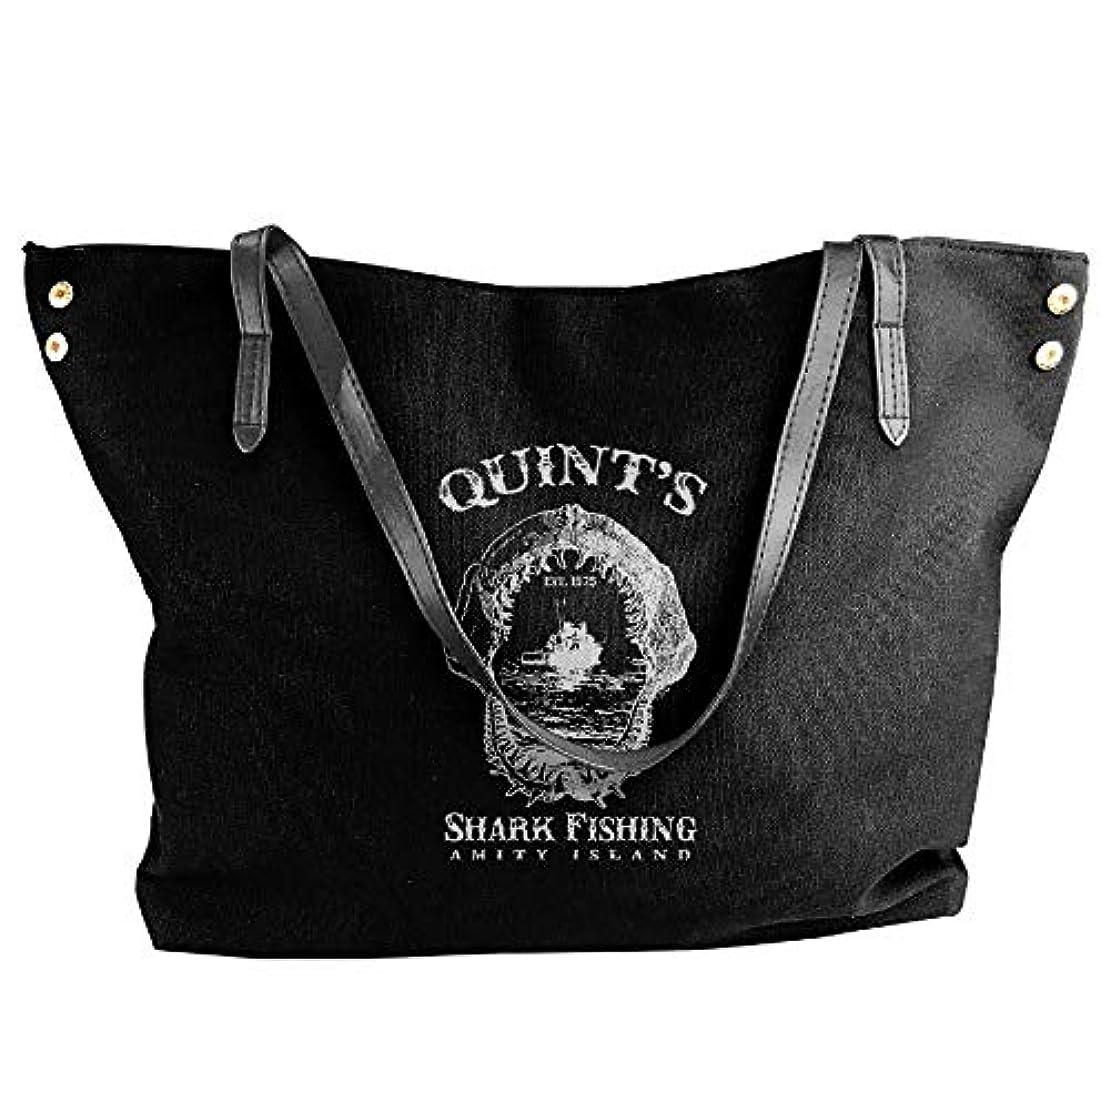 差し引く日光袋2019最新レディースバッグ ファッション若い女の子ストリートショッピングキャンバスのショルダーバッグ Quint's Shark Fishing 人気のバッグ 大容量 リュック